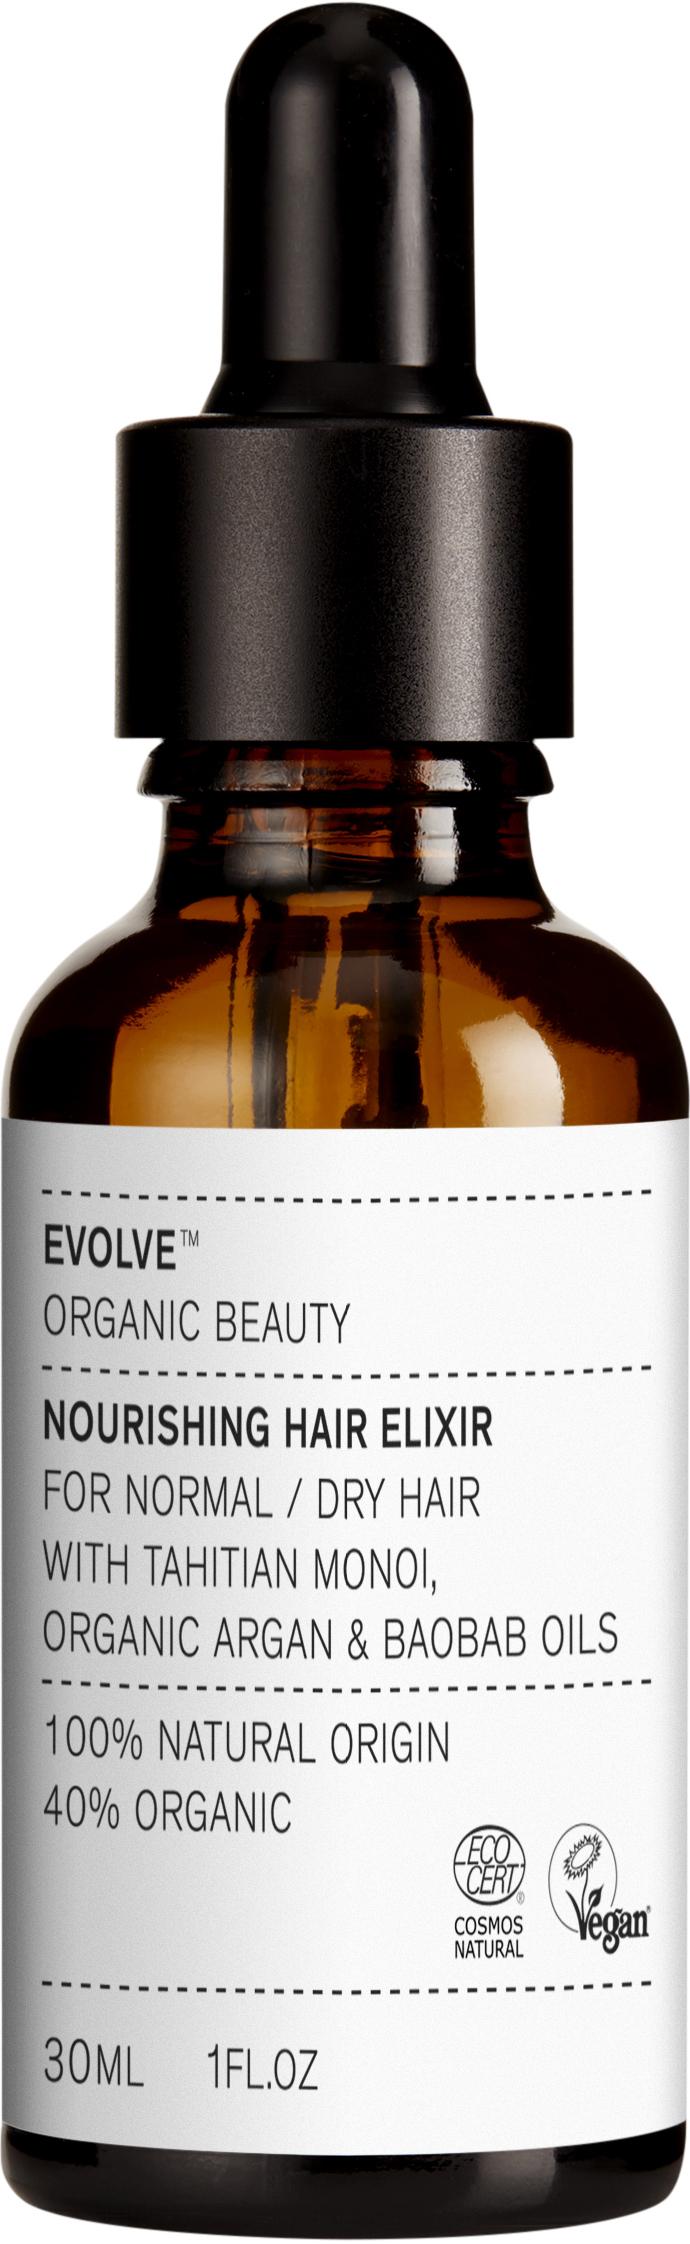 Evolve Nourishing Hair Elixir, 30 ml